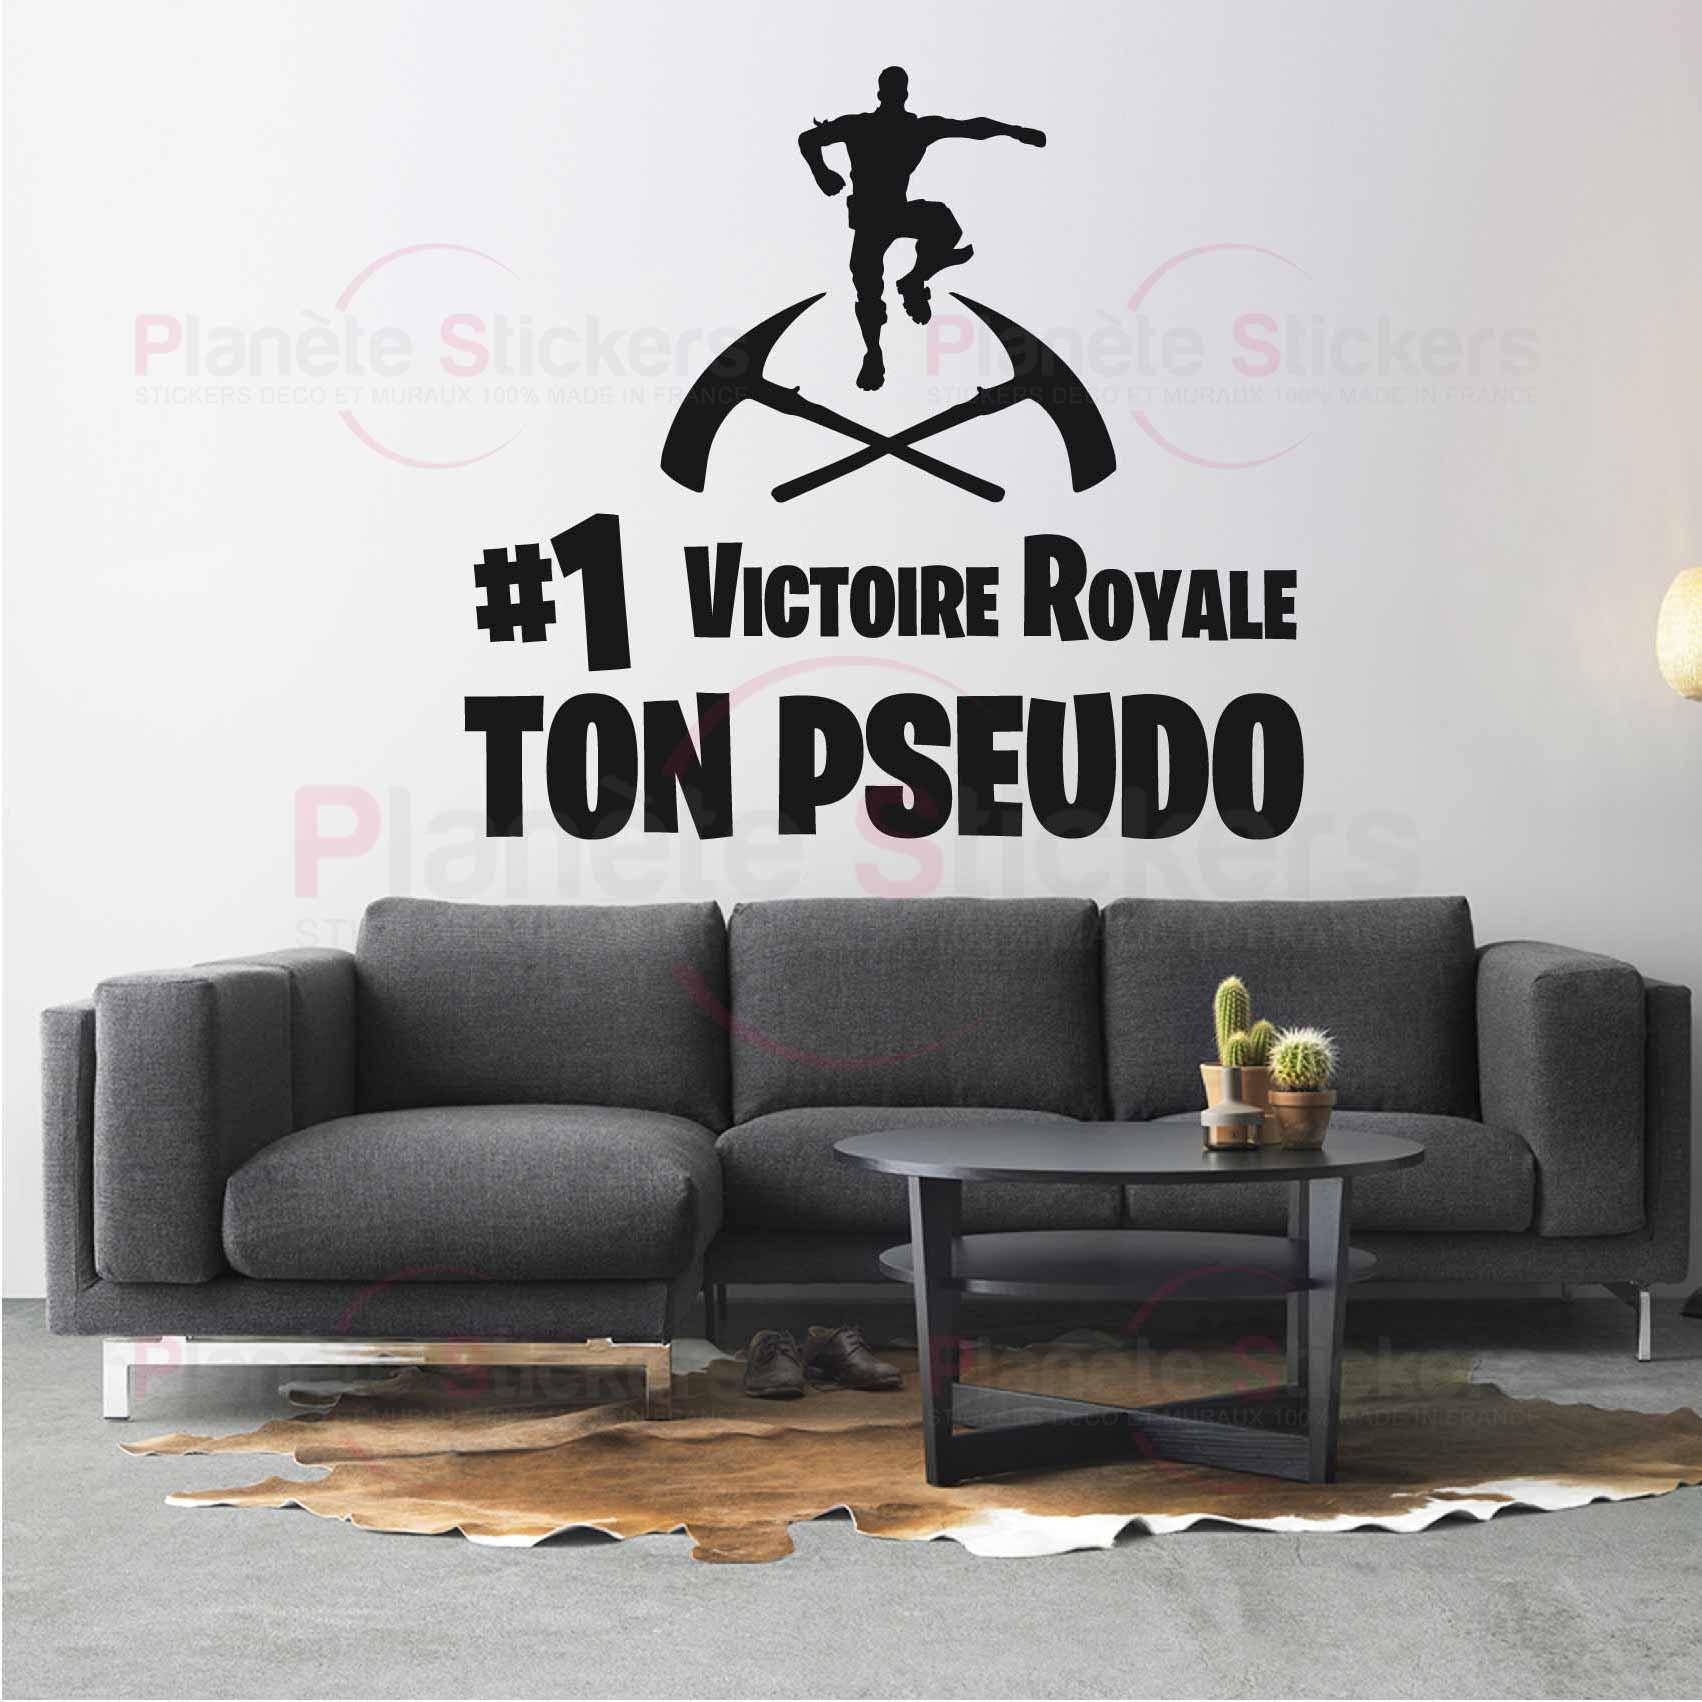 Stickers Fortnite Personnalisé Battle Royale